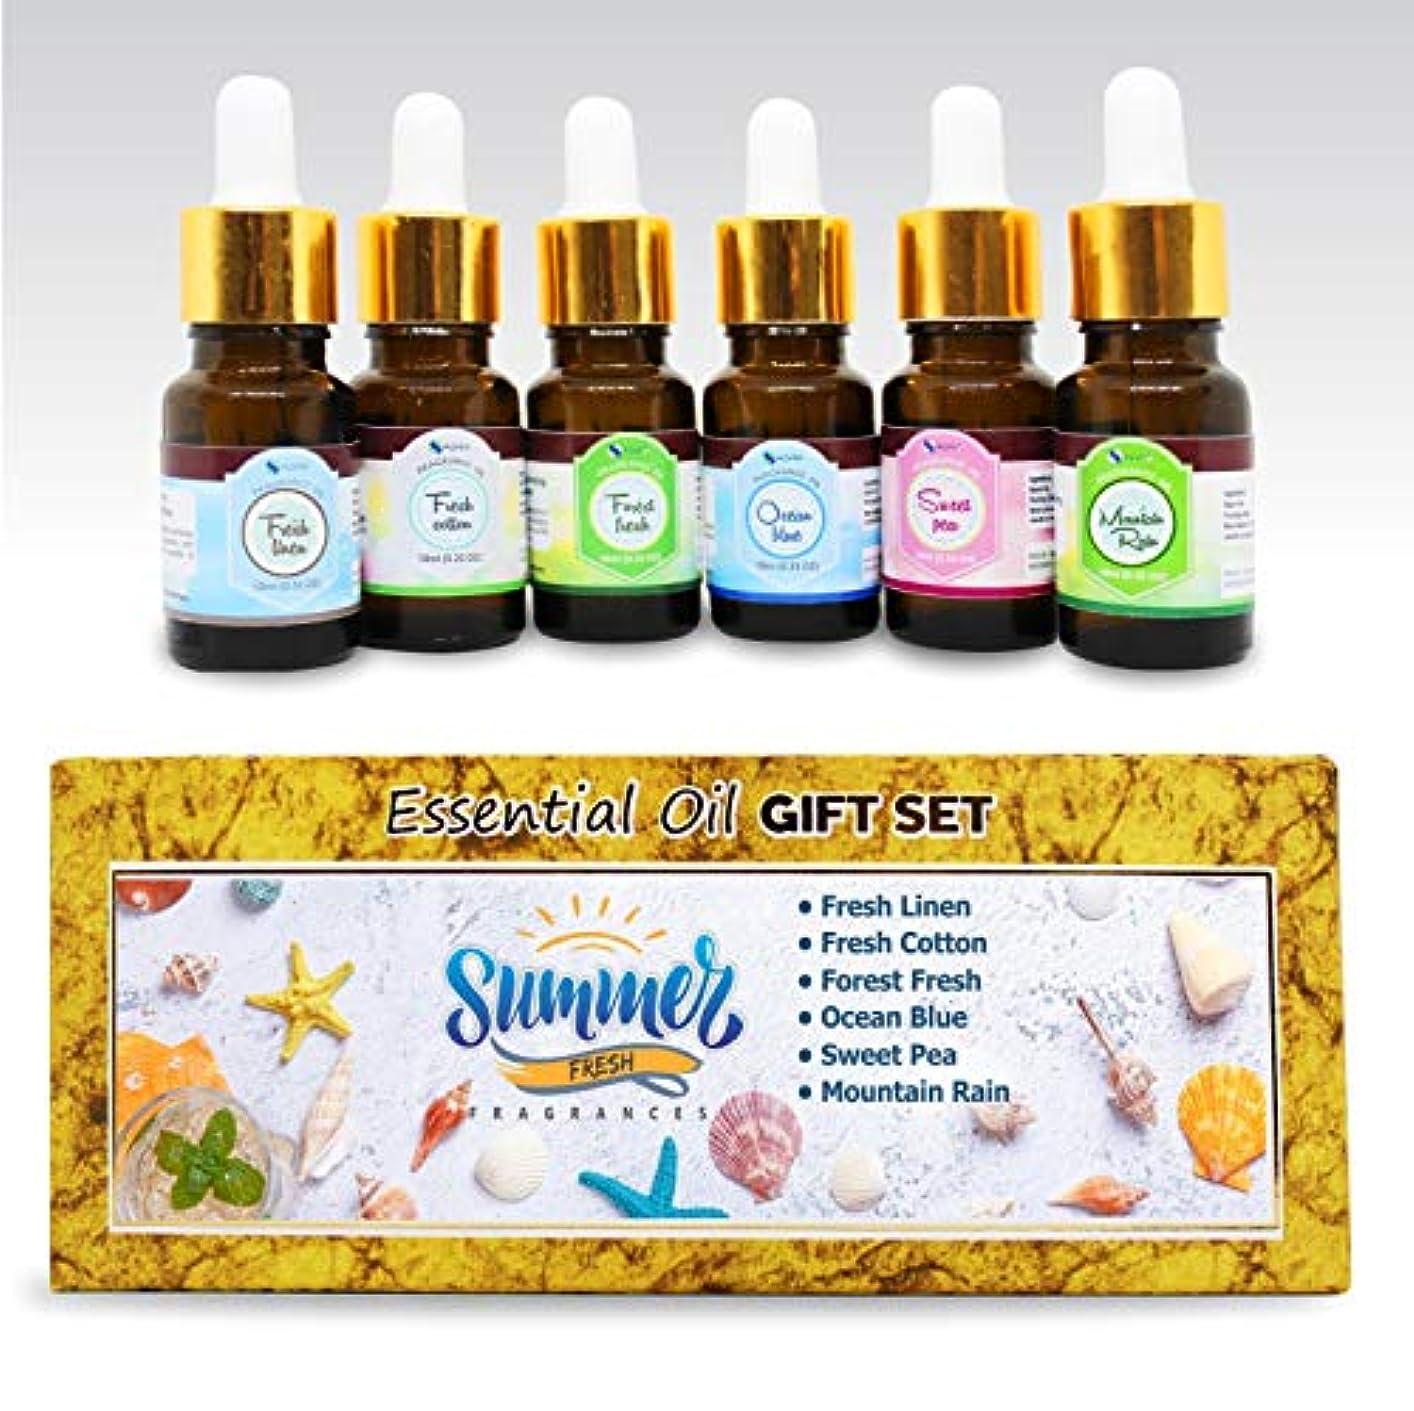 振動するメロディー過敏なAromatherapy Essential Oils - Pack of 6 100% Pure & Natural Therapeutic Oils - 10 ML each (Fresh Linen, Fresh...